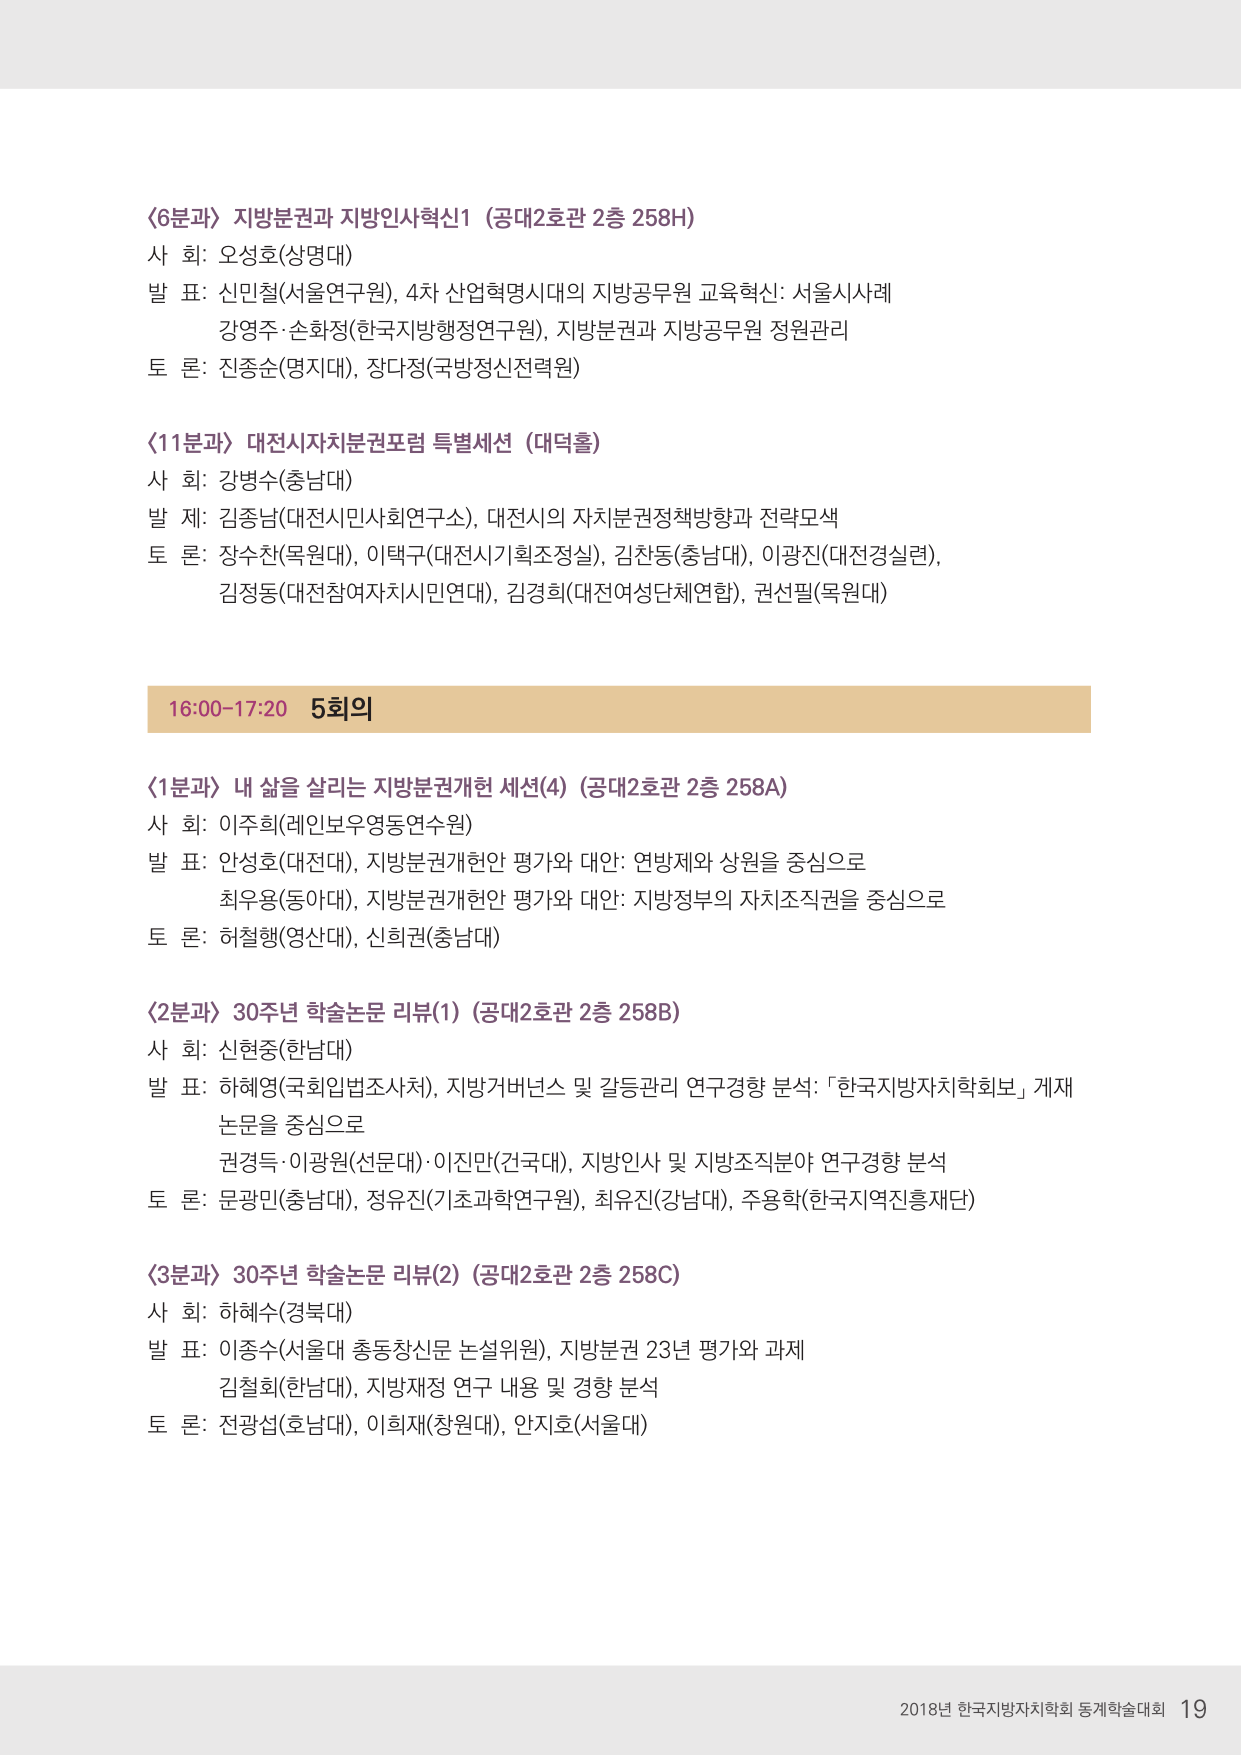 초청장_동계학술대회_한국지방자치학회(최종본)-19.jpg